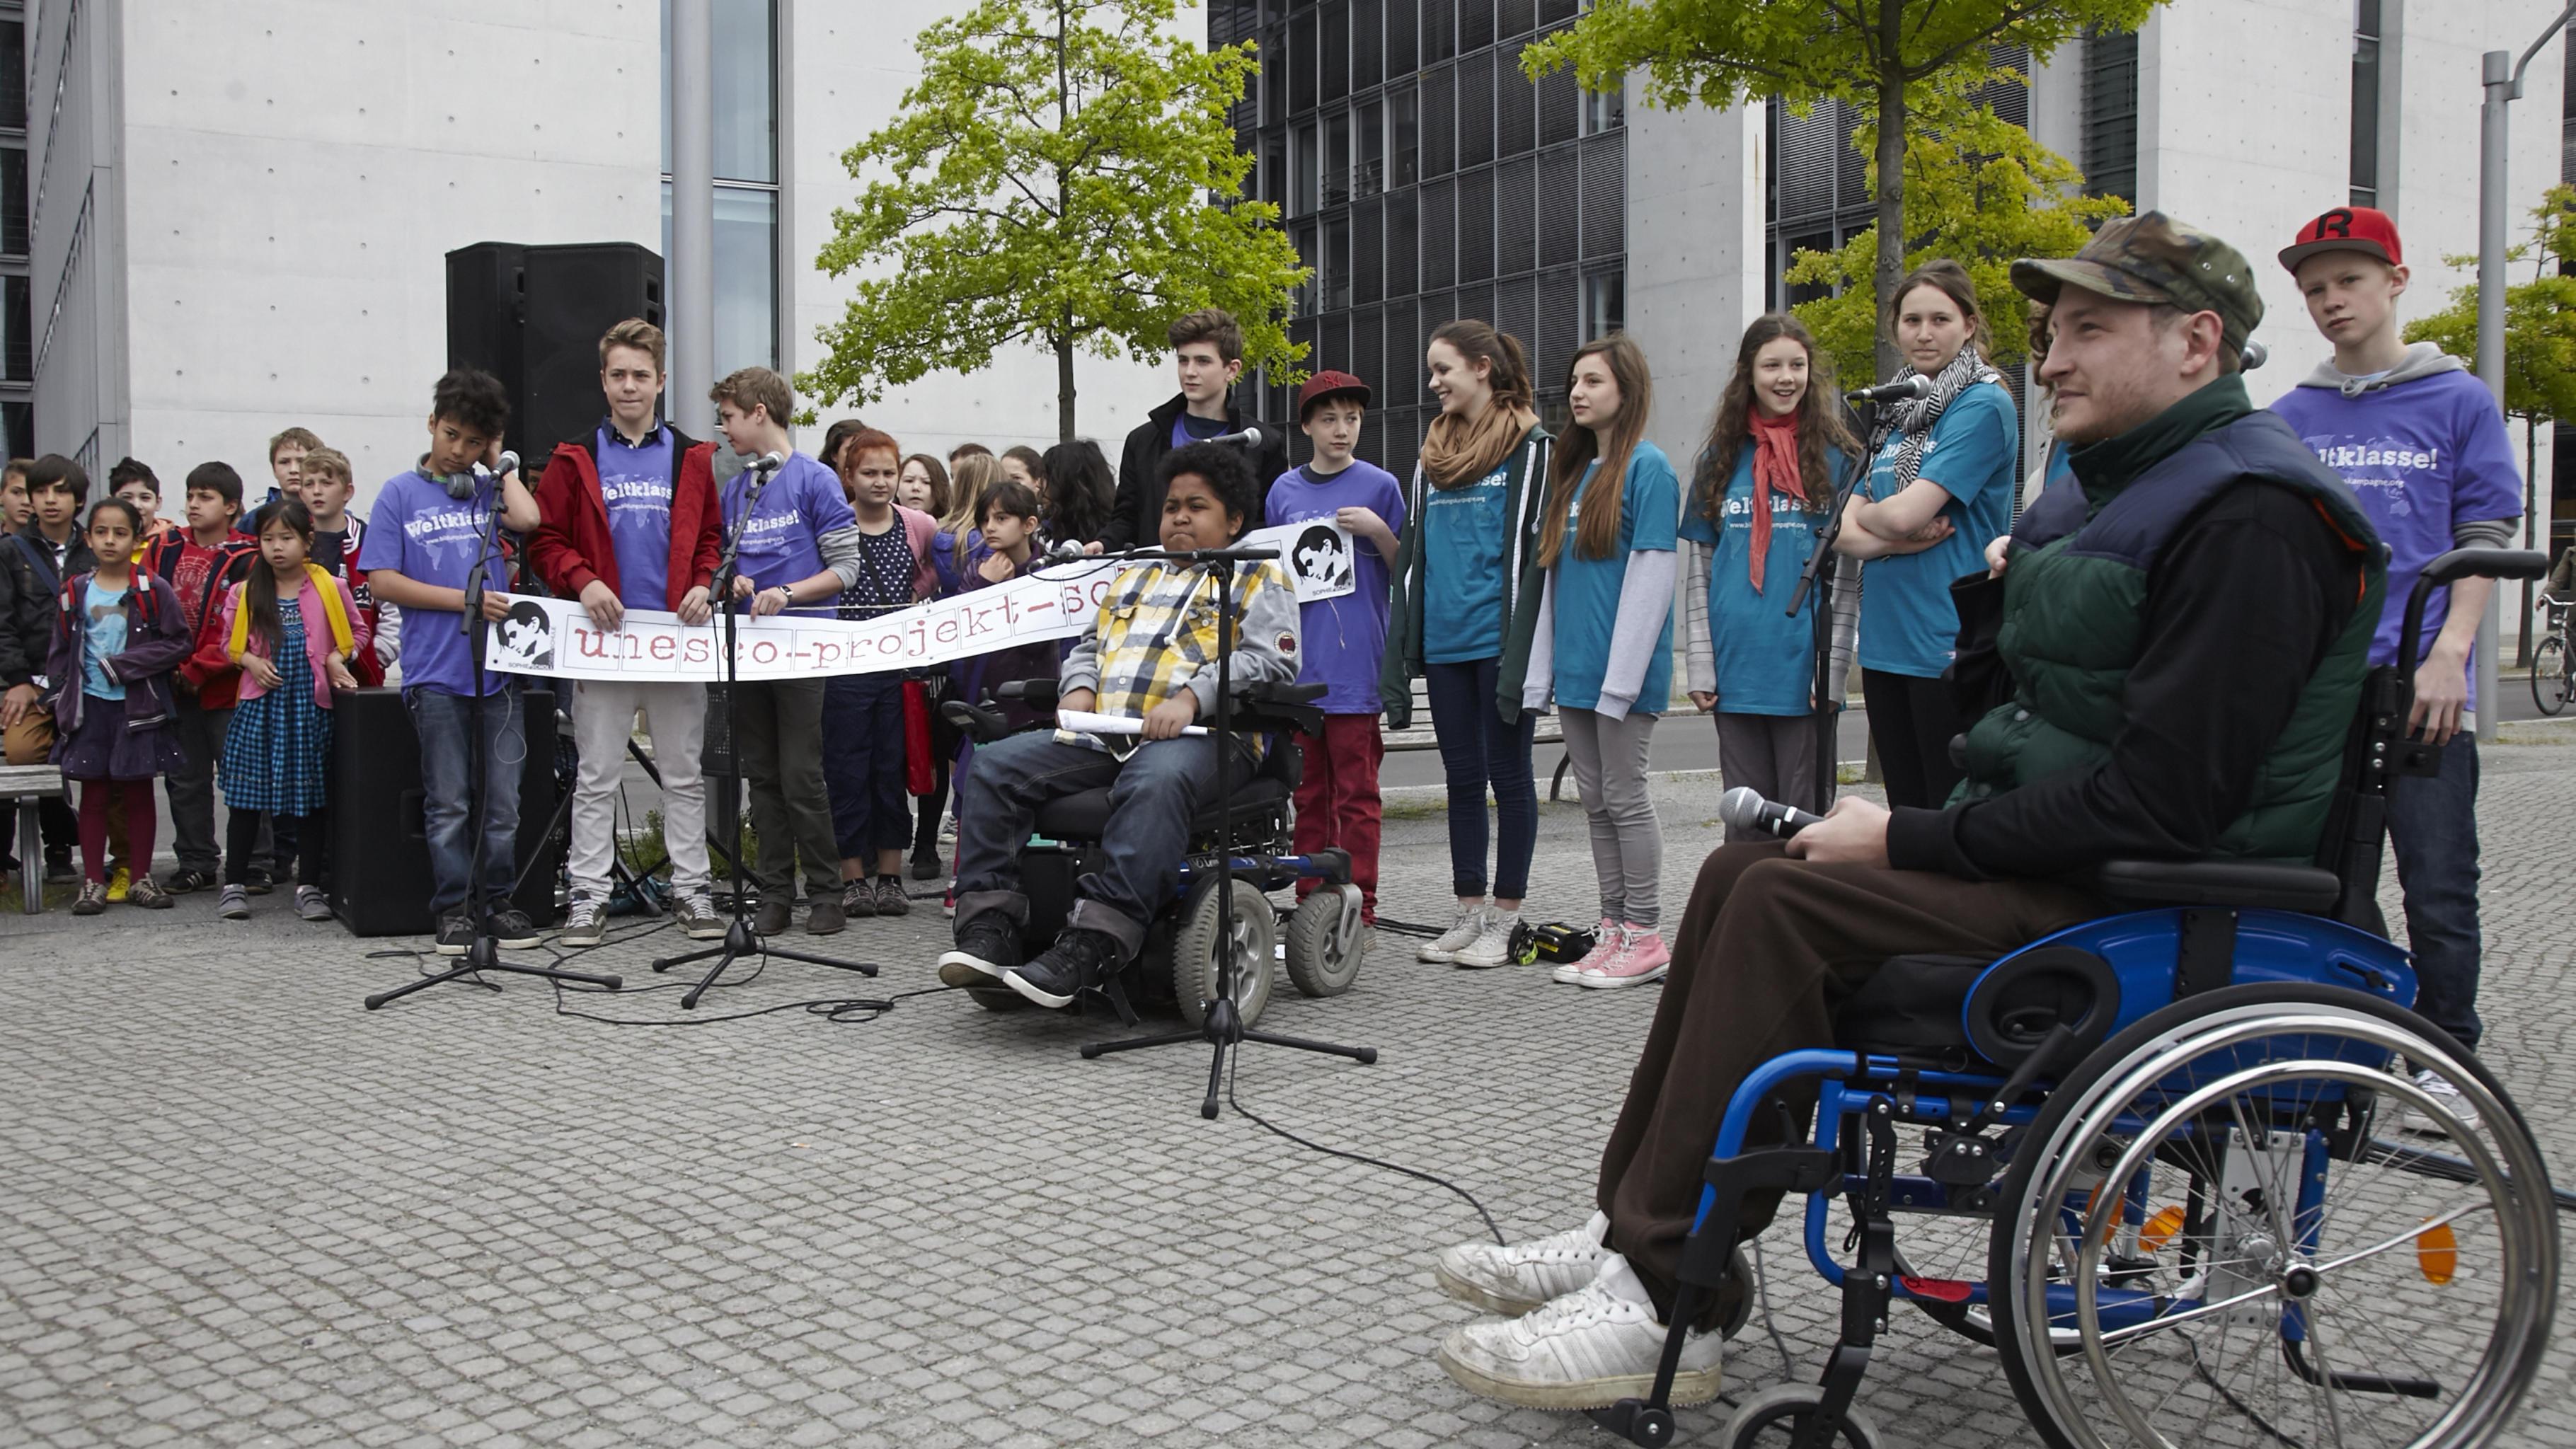 Schüler/-innen der Sophie-Scholl-Schule und der Rollstuhl-Rapper Graf Fidi rappe